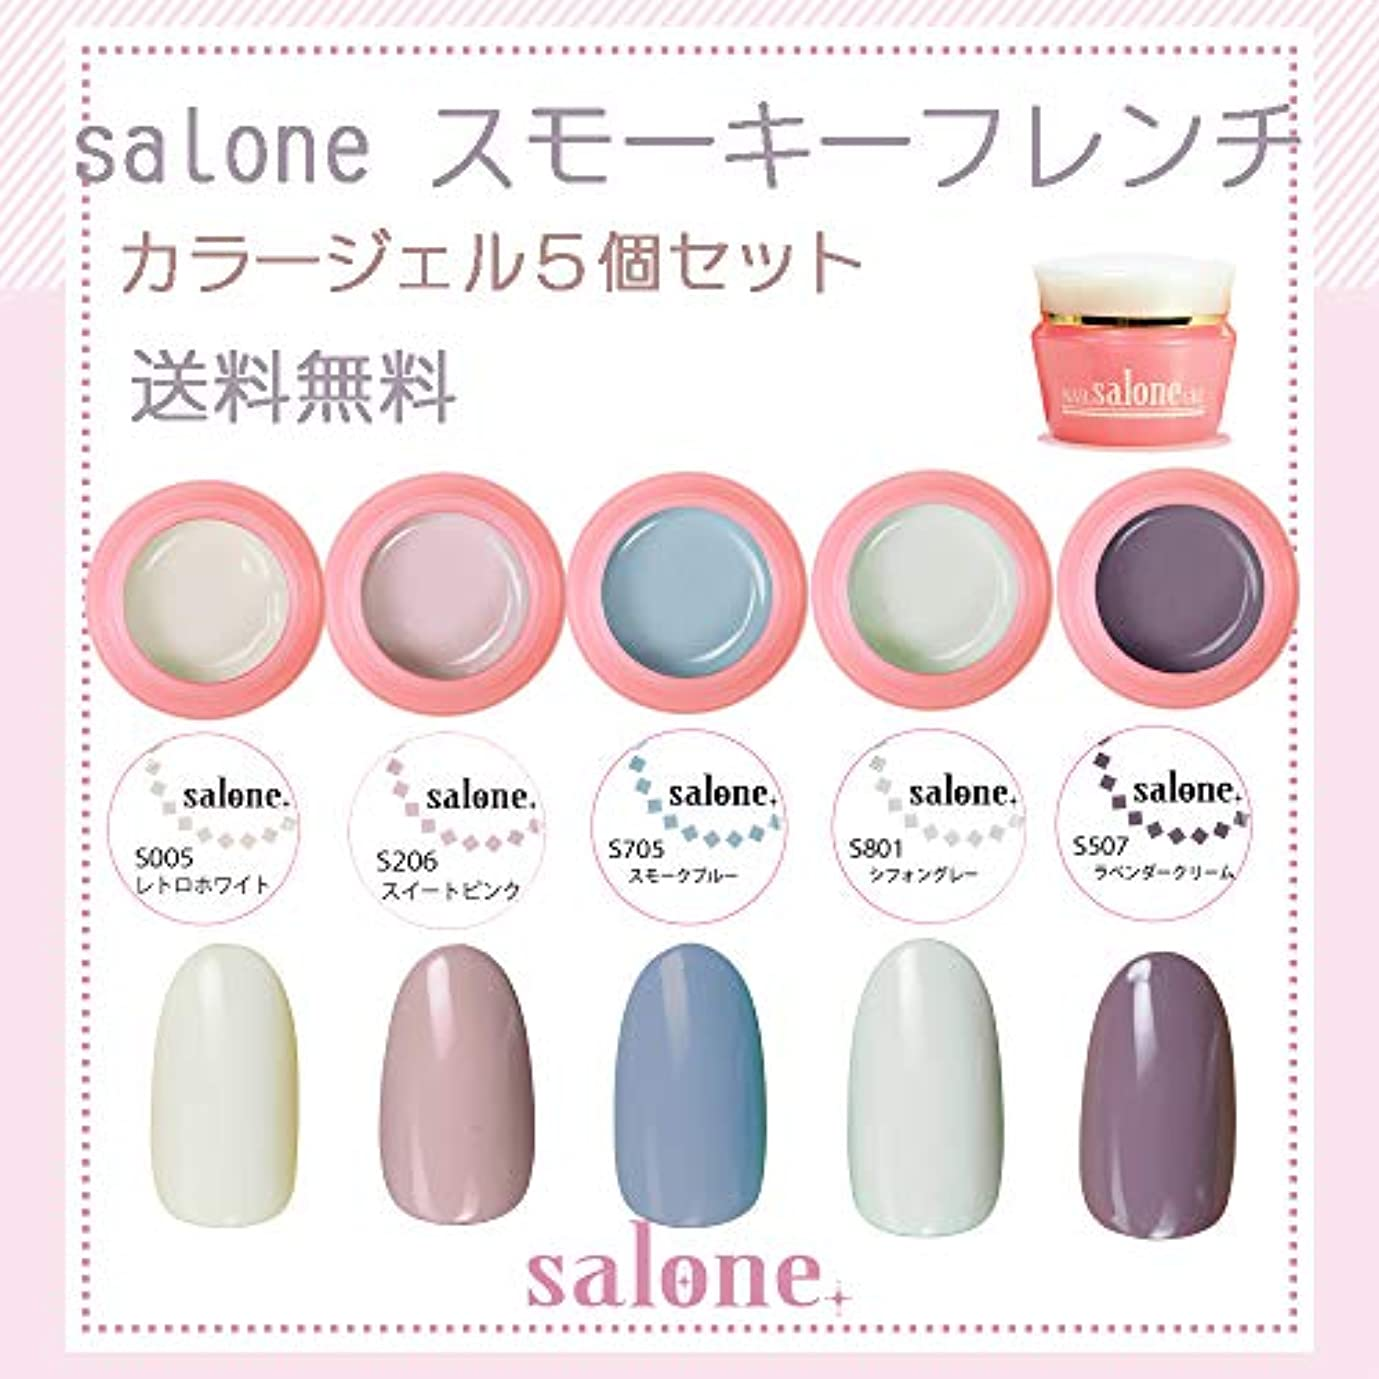 【送料無料 日本製】Salone ヌーディフレンチカラージェル5個セット 肌馴染みの良いヌーディカラーをチョイスしました。